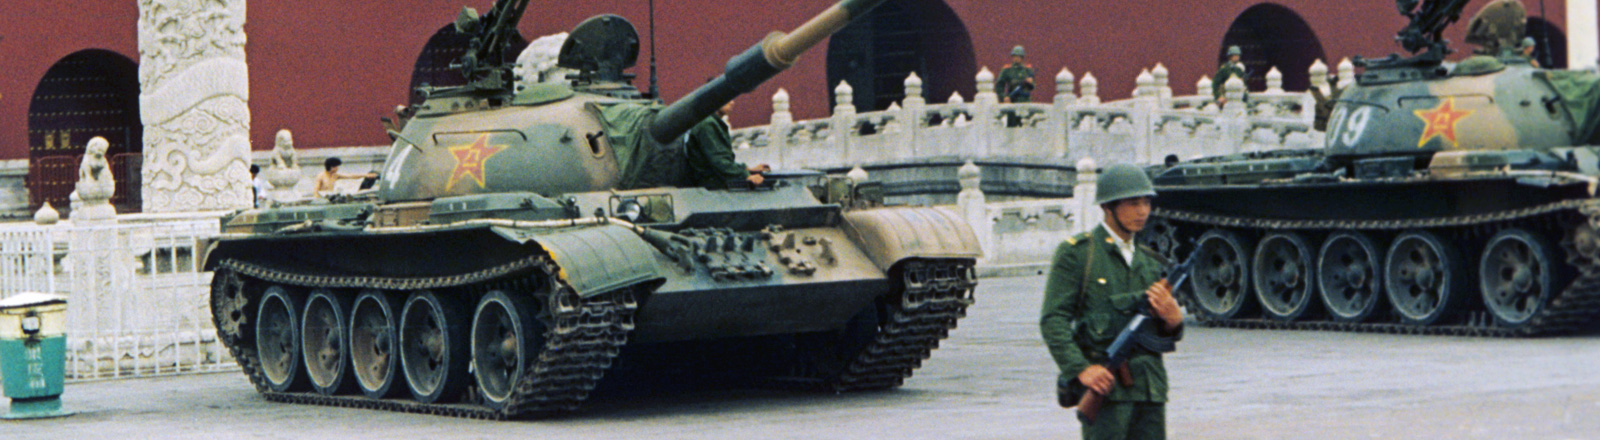 Soldaten und Panzer sichern den Platz des himmlischen Friedens (Tiananmen-Platz) in Peking, China, am 09.06.1989 (picture alliance | AFP)